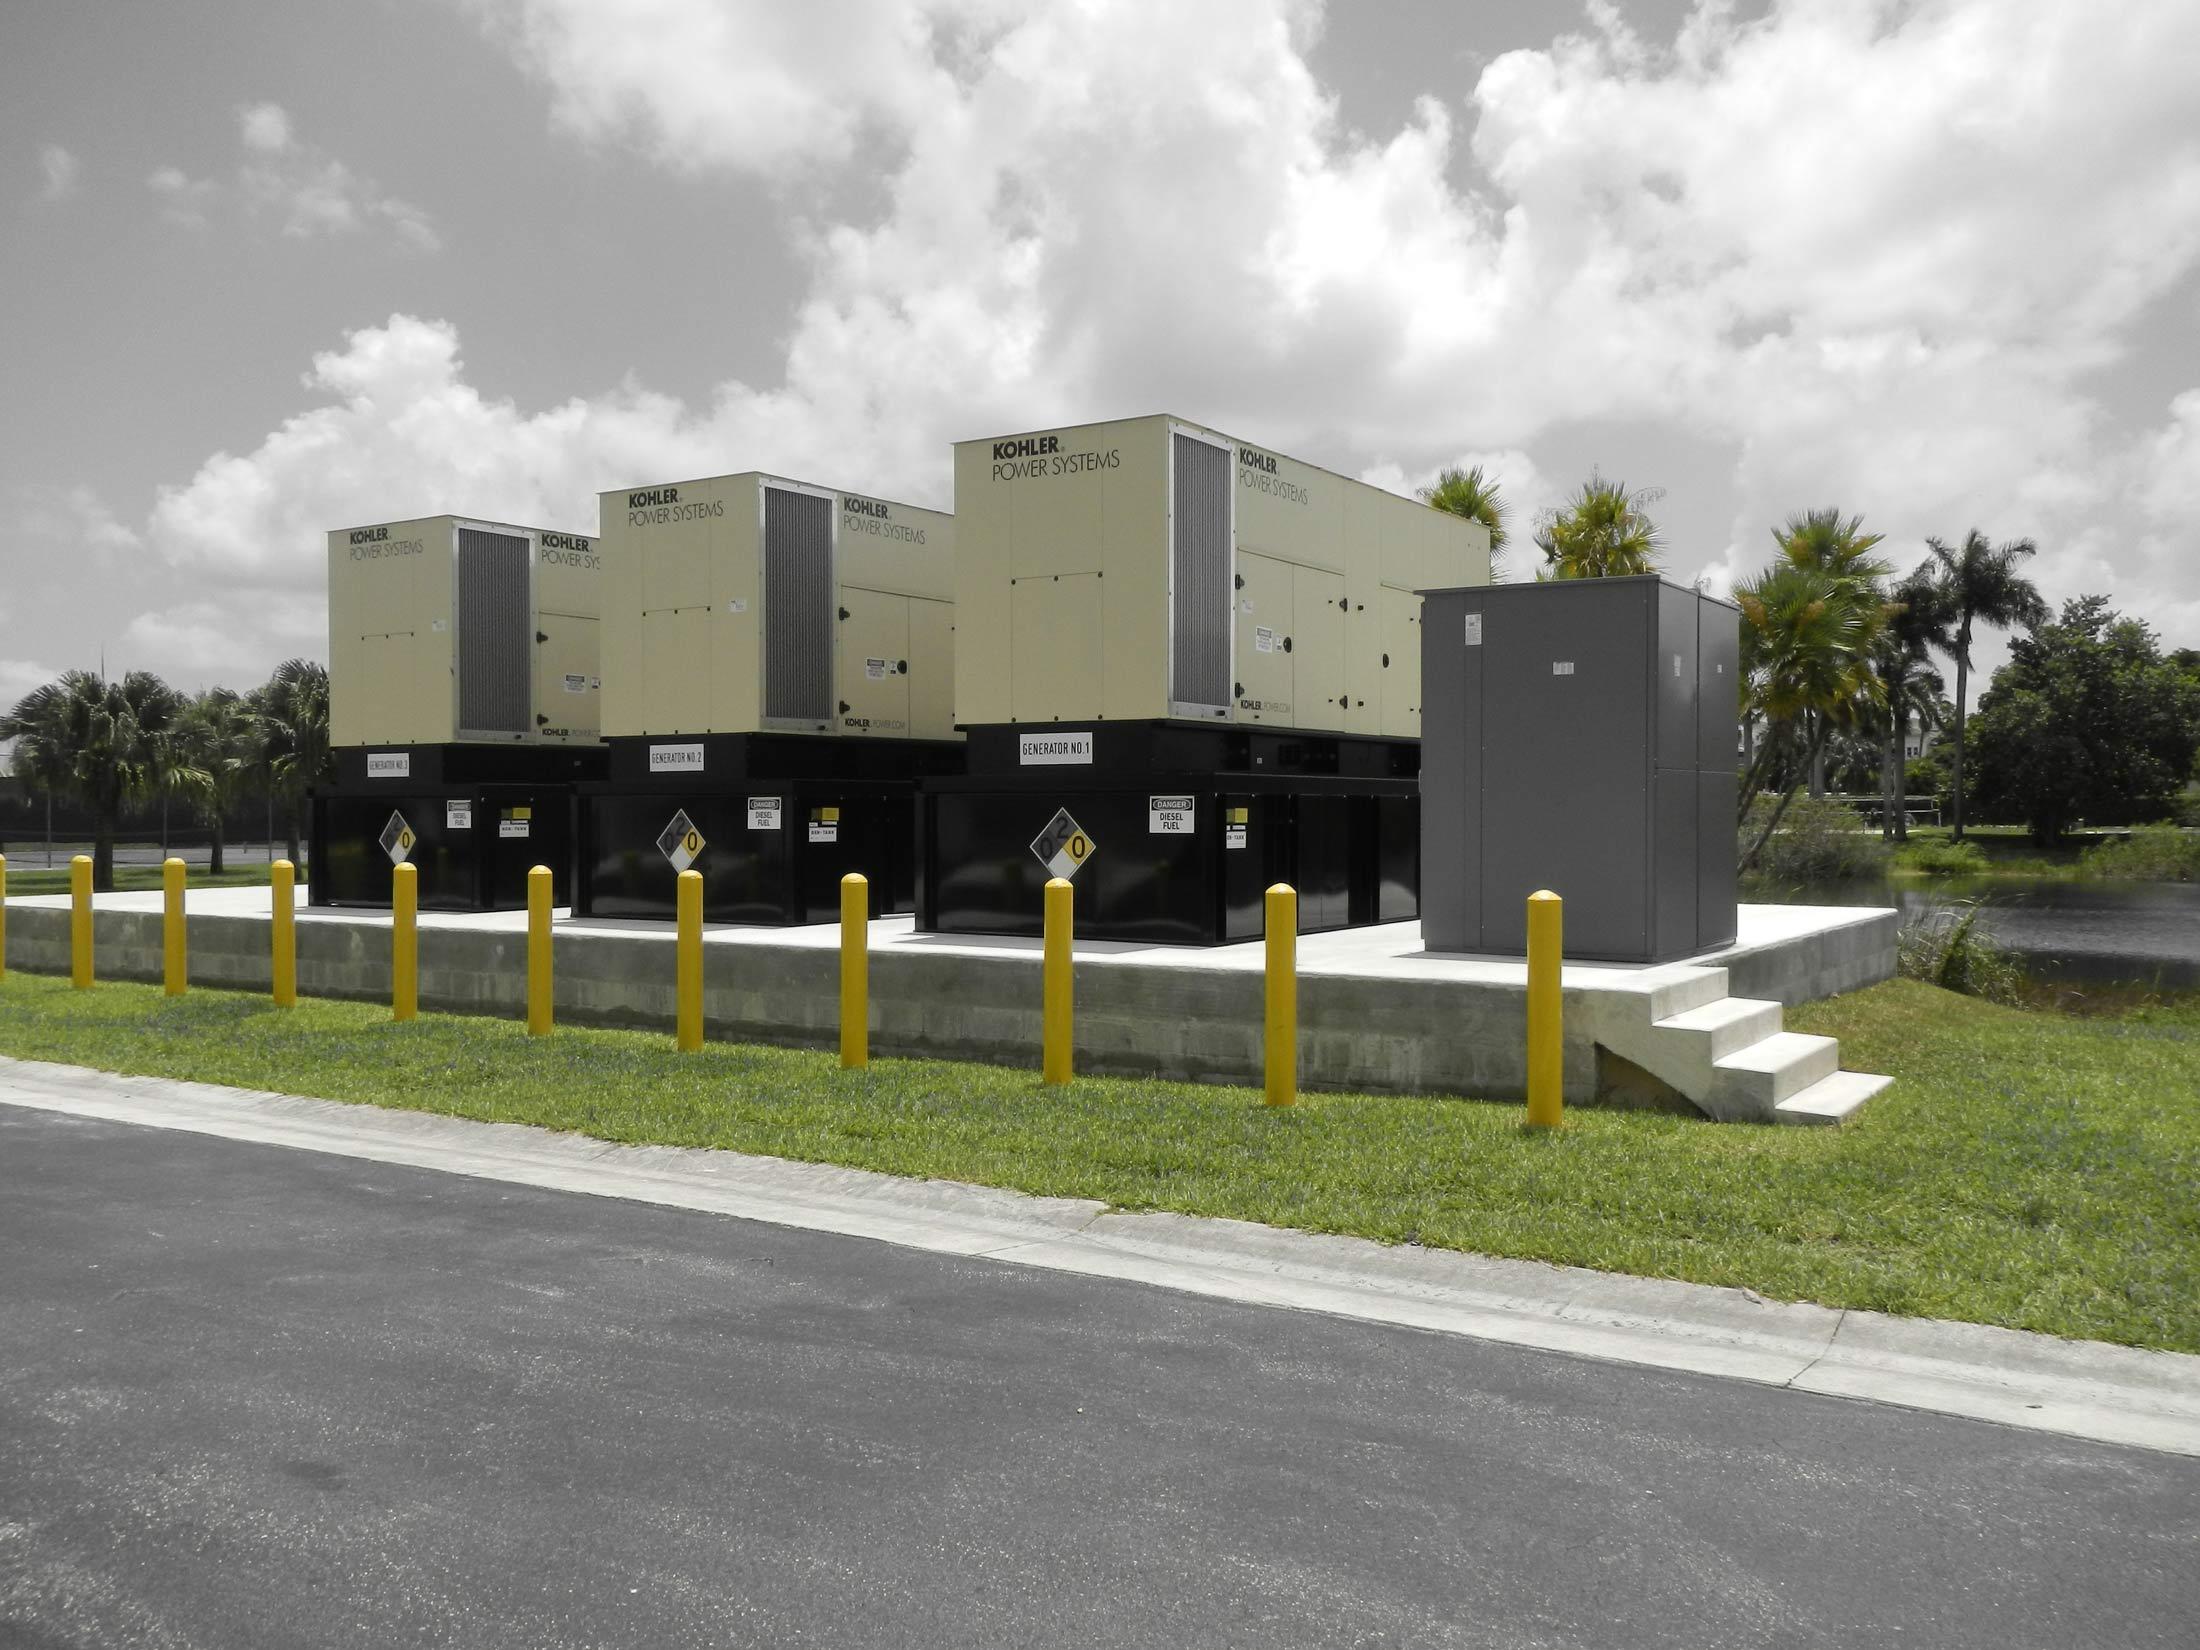 400 KW Kohler Generator